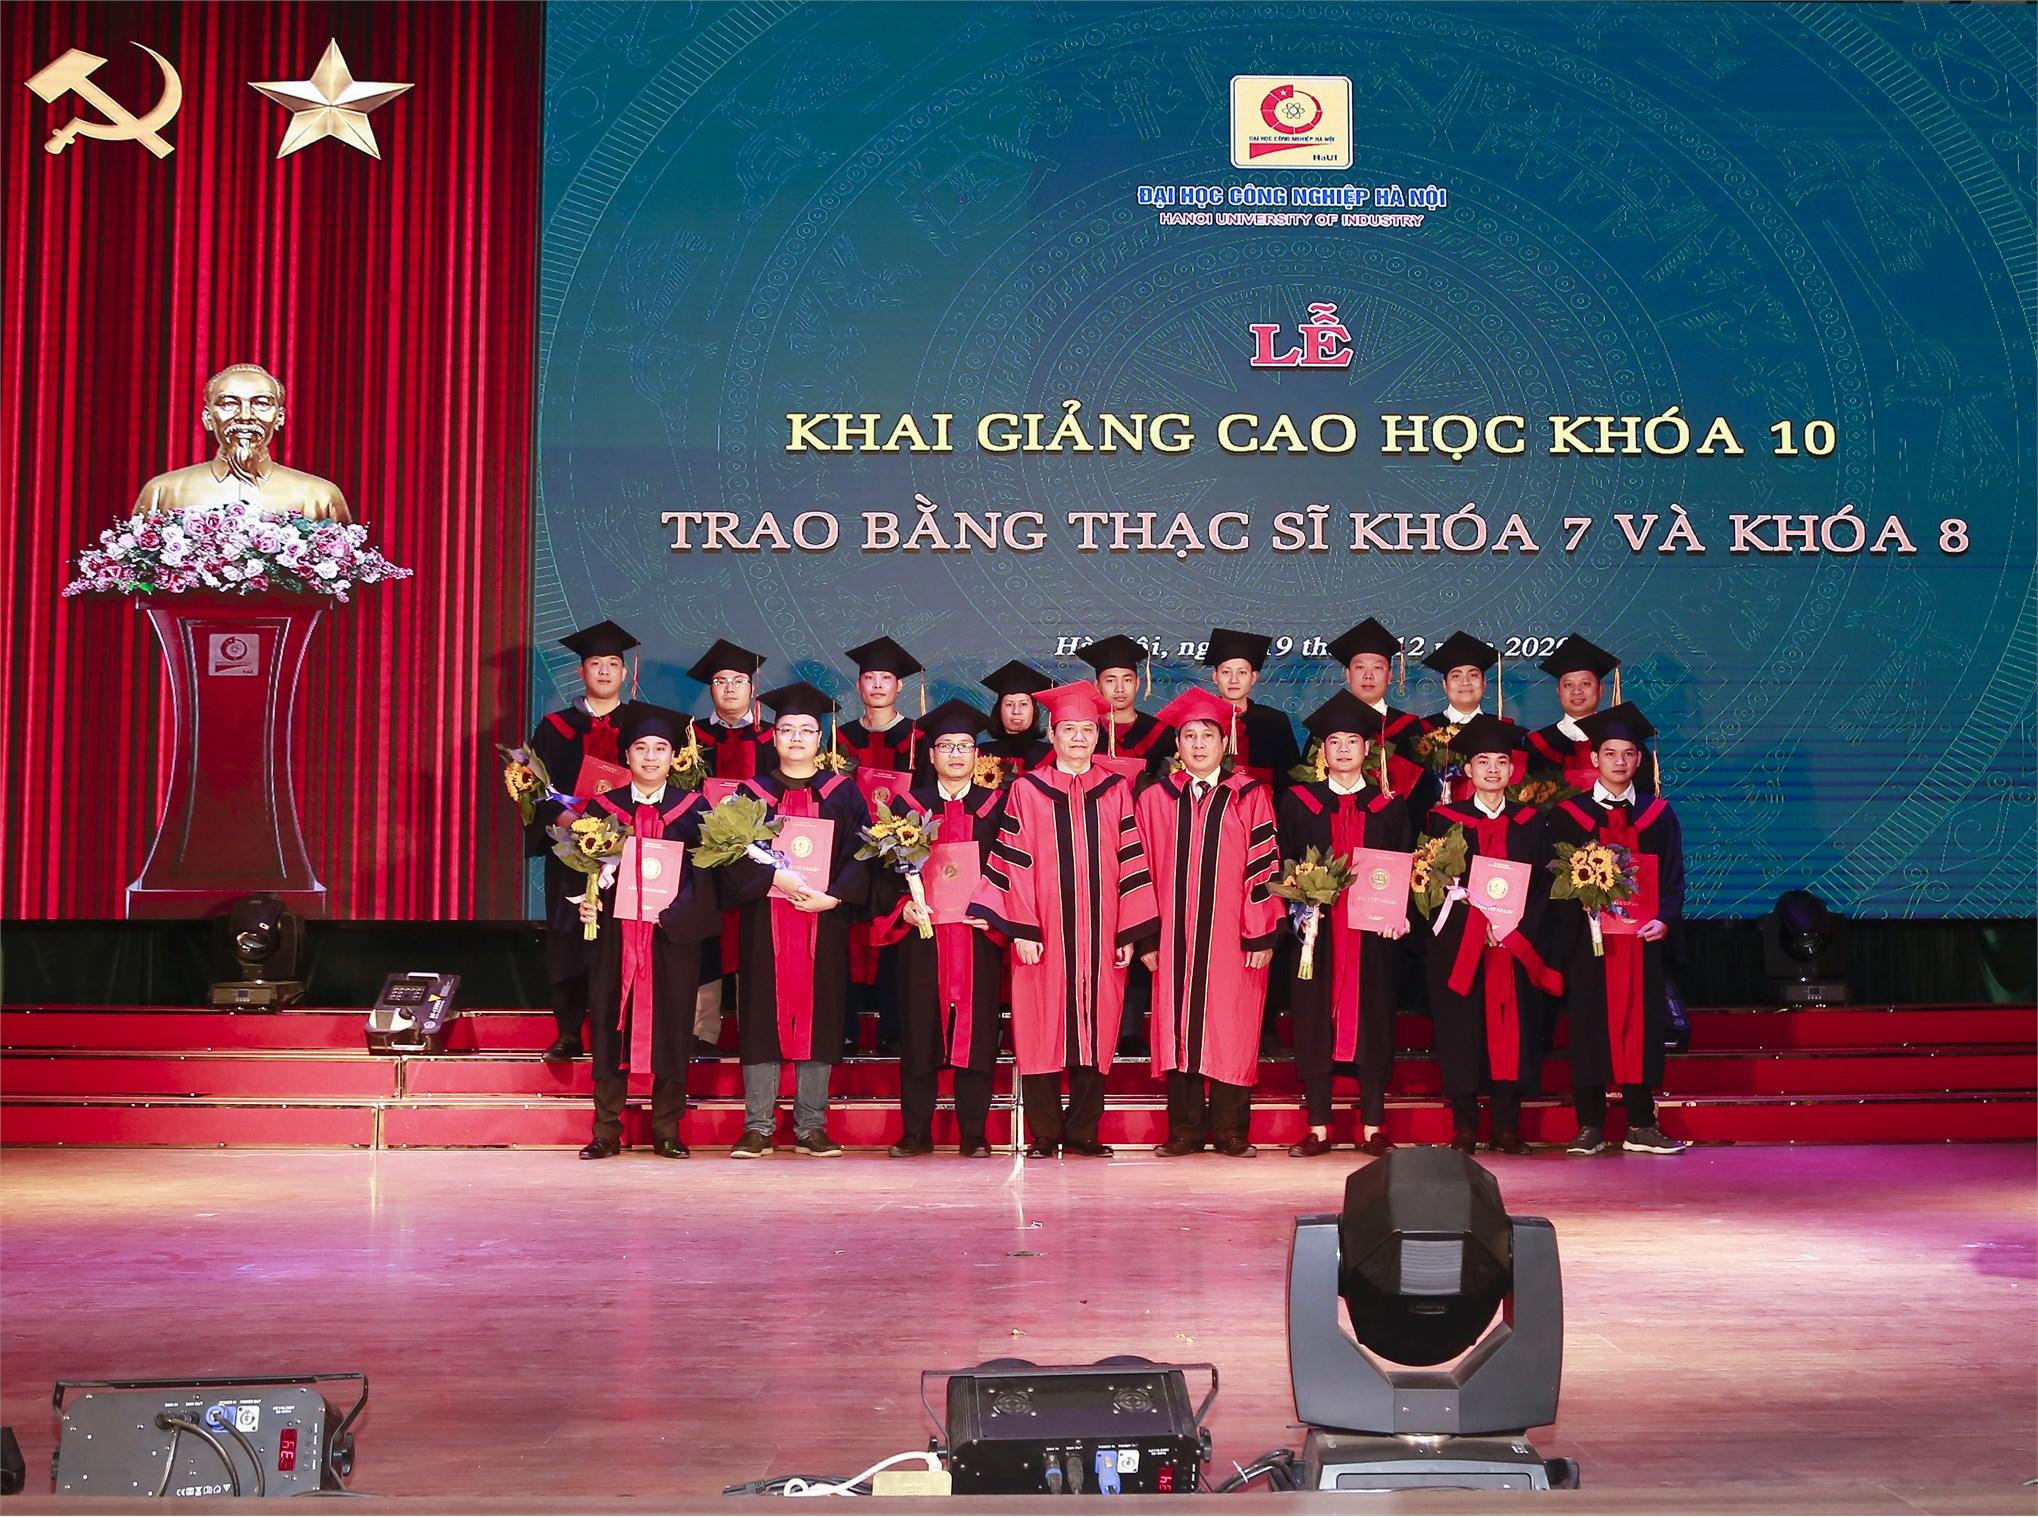 Lễ khai giảng và trao bằng tốt nghiệp Thạc sĩ ĐHCNHN